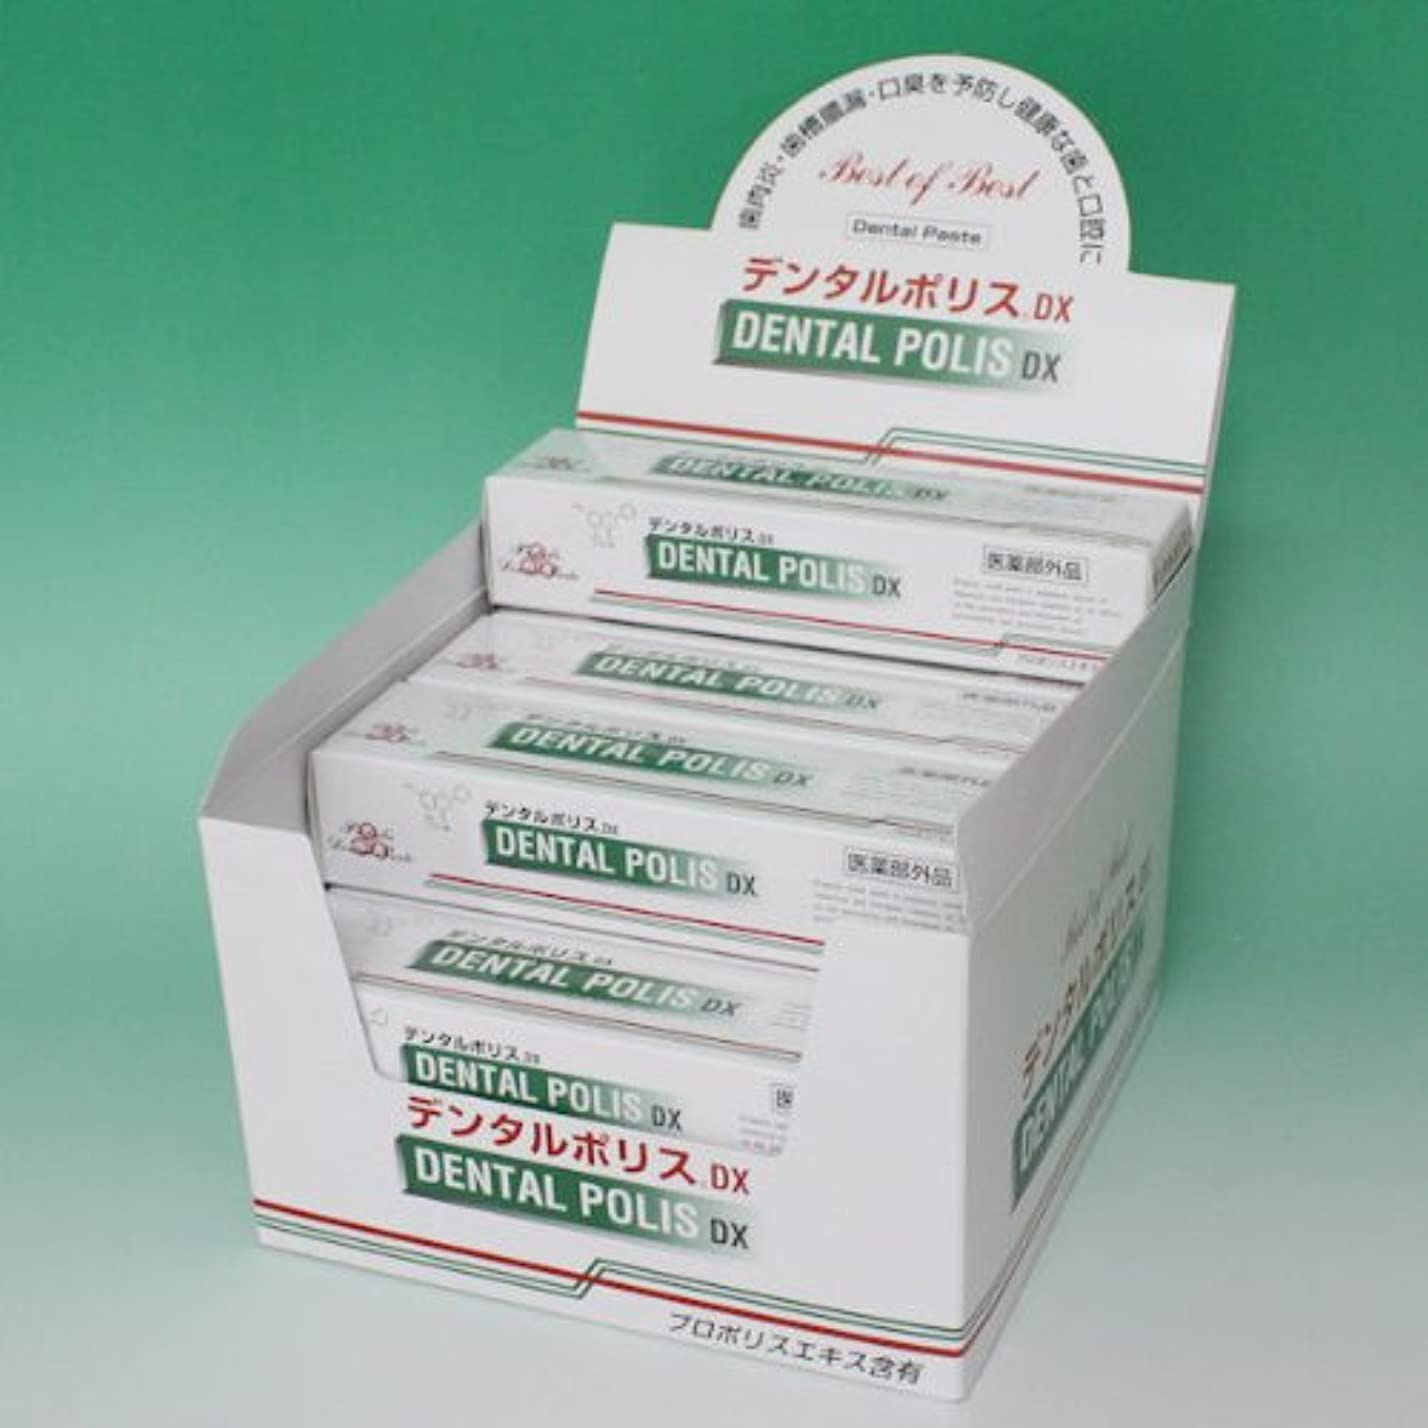 エコージャングル論争の的デンタルポリスDX 80g  12本セット 医薬部外品  歯みがき 8gサンプル2本 進呈!